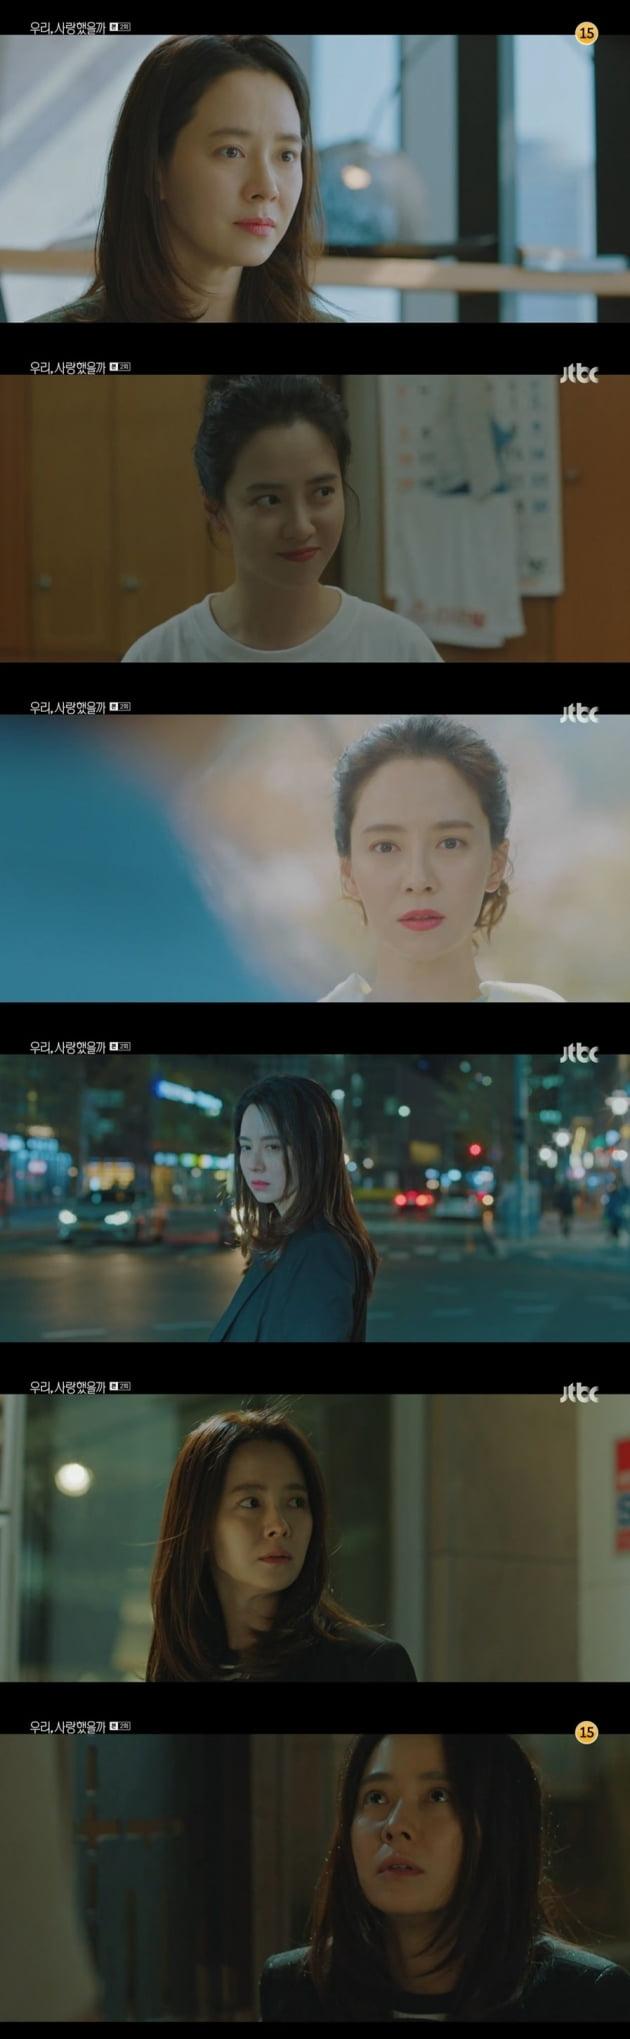 '우리 사랑했을까' 송지효, 넓어진 연기 저변…시청자 공감↑